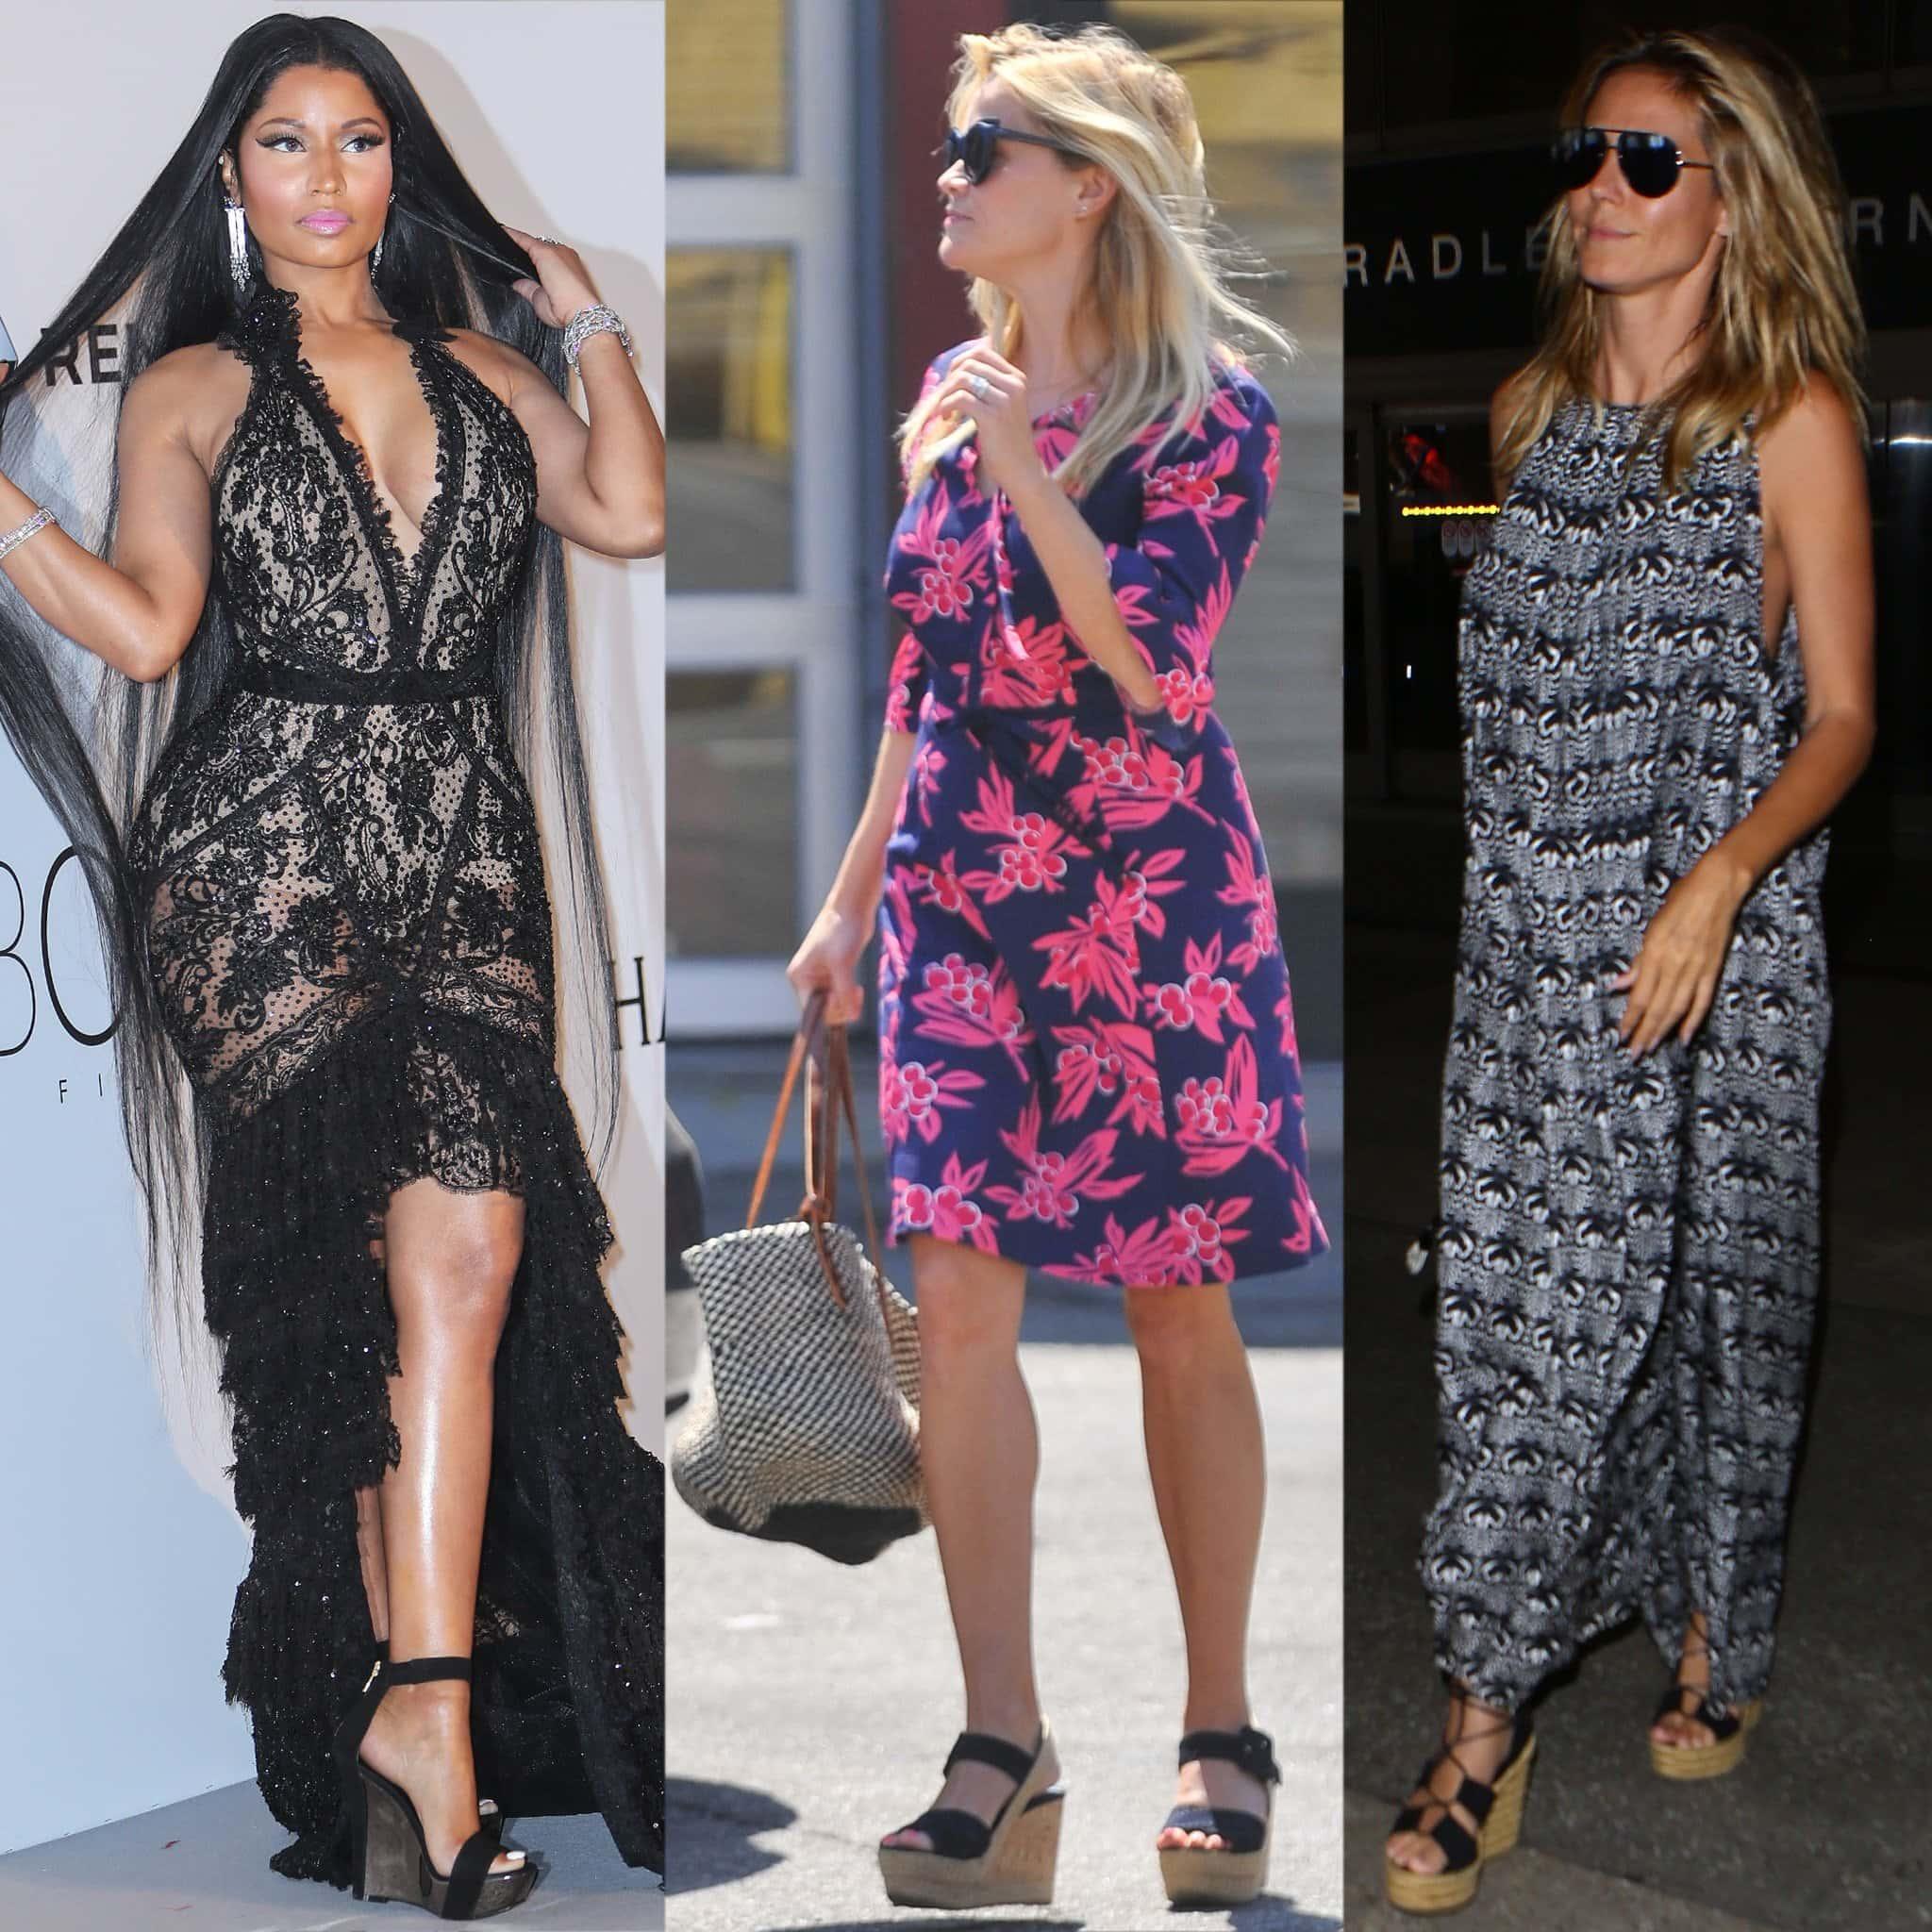 Nicki Minaj, Reese Witherspoon, and Heidi Klum in summery platform wedge sandals